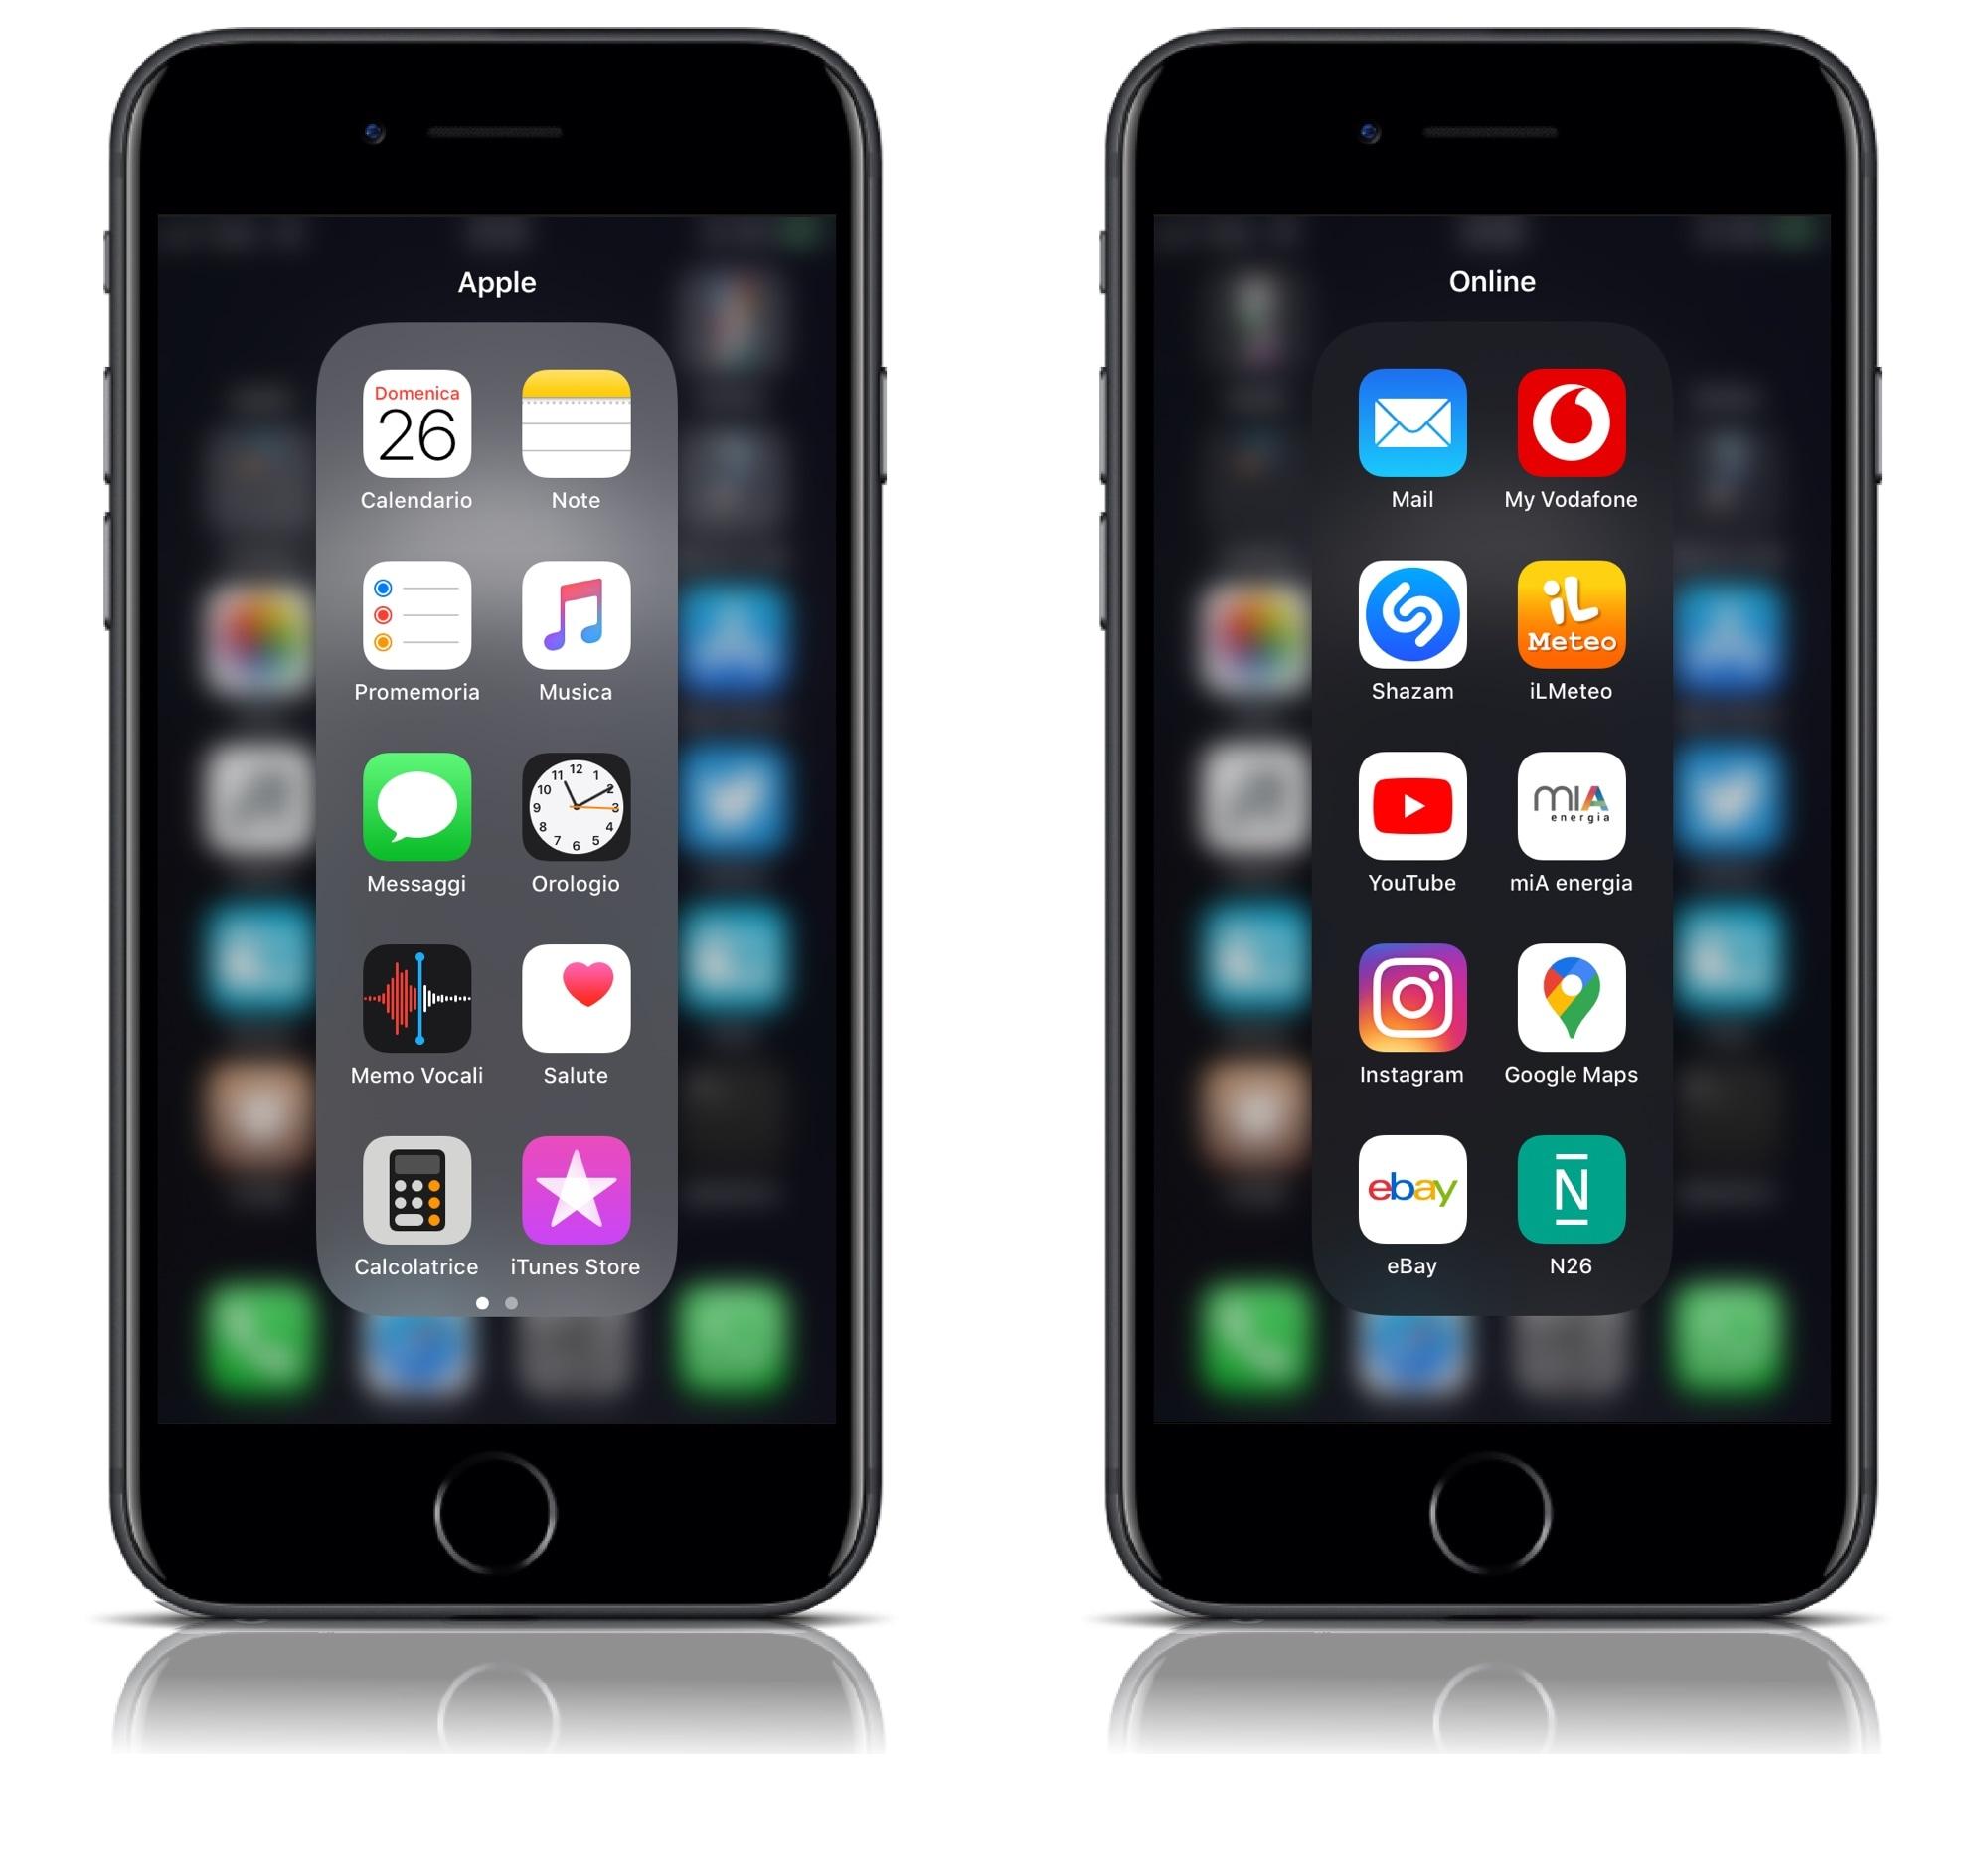 YouFold auttaa kansioita hyödyntämään paremmin iPhonen korkeaa näyttöä